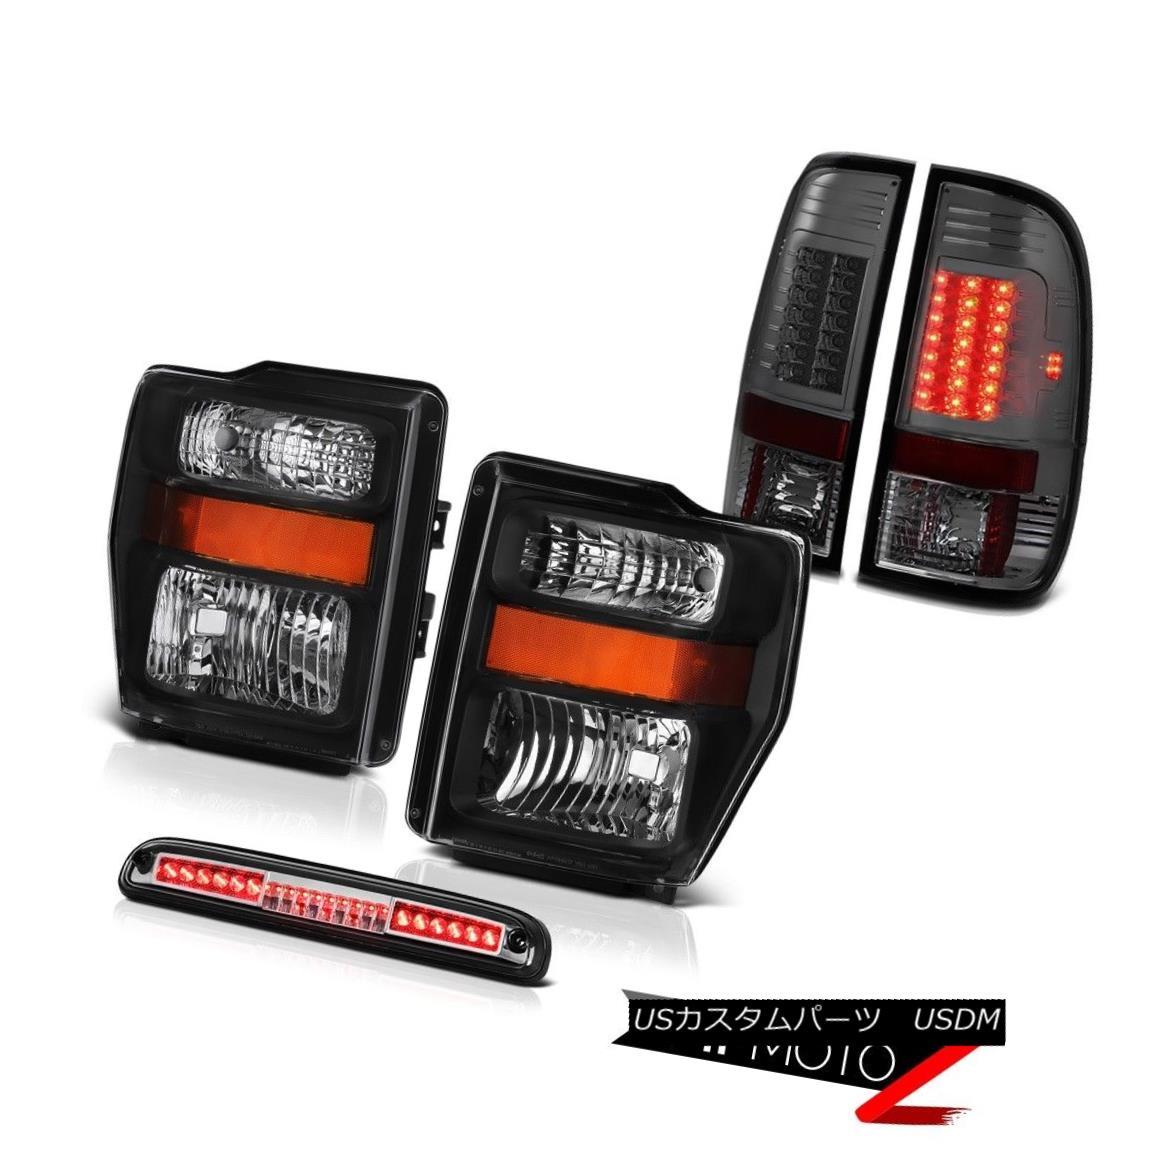 ヘッドライト Black Headlamps High Stop LED Chrome Dark Brake Tail Lights 08 09 10 F350 5.4L ブラックヘッドランプハイストップLEDクロームダークブレーキテールライト08 09 10 F350 5.4L